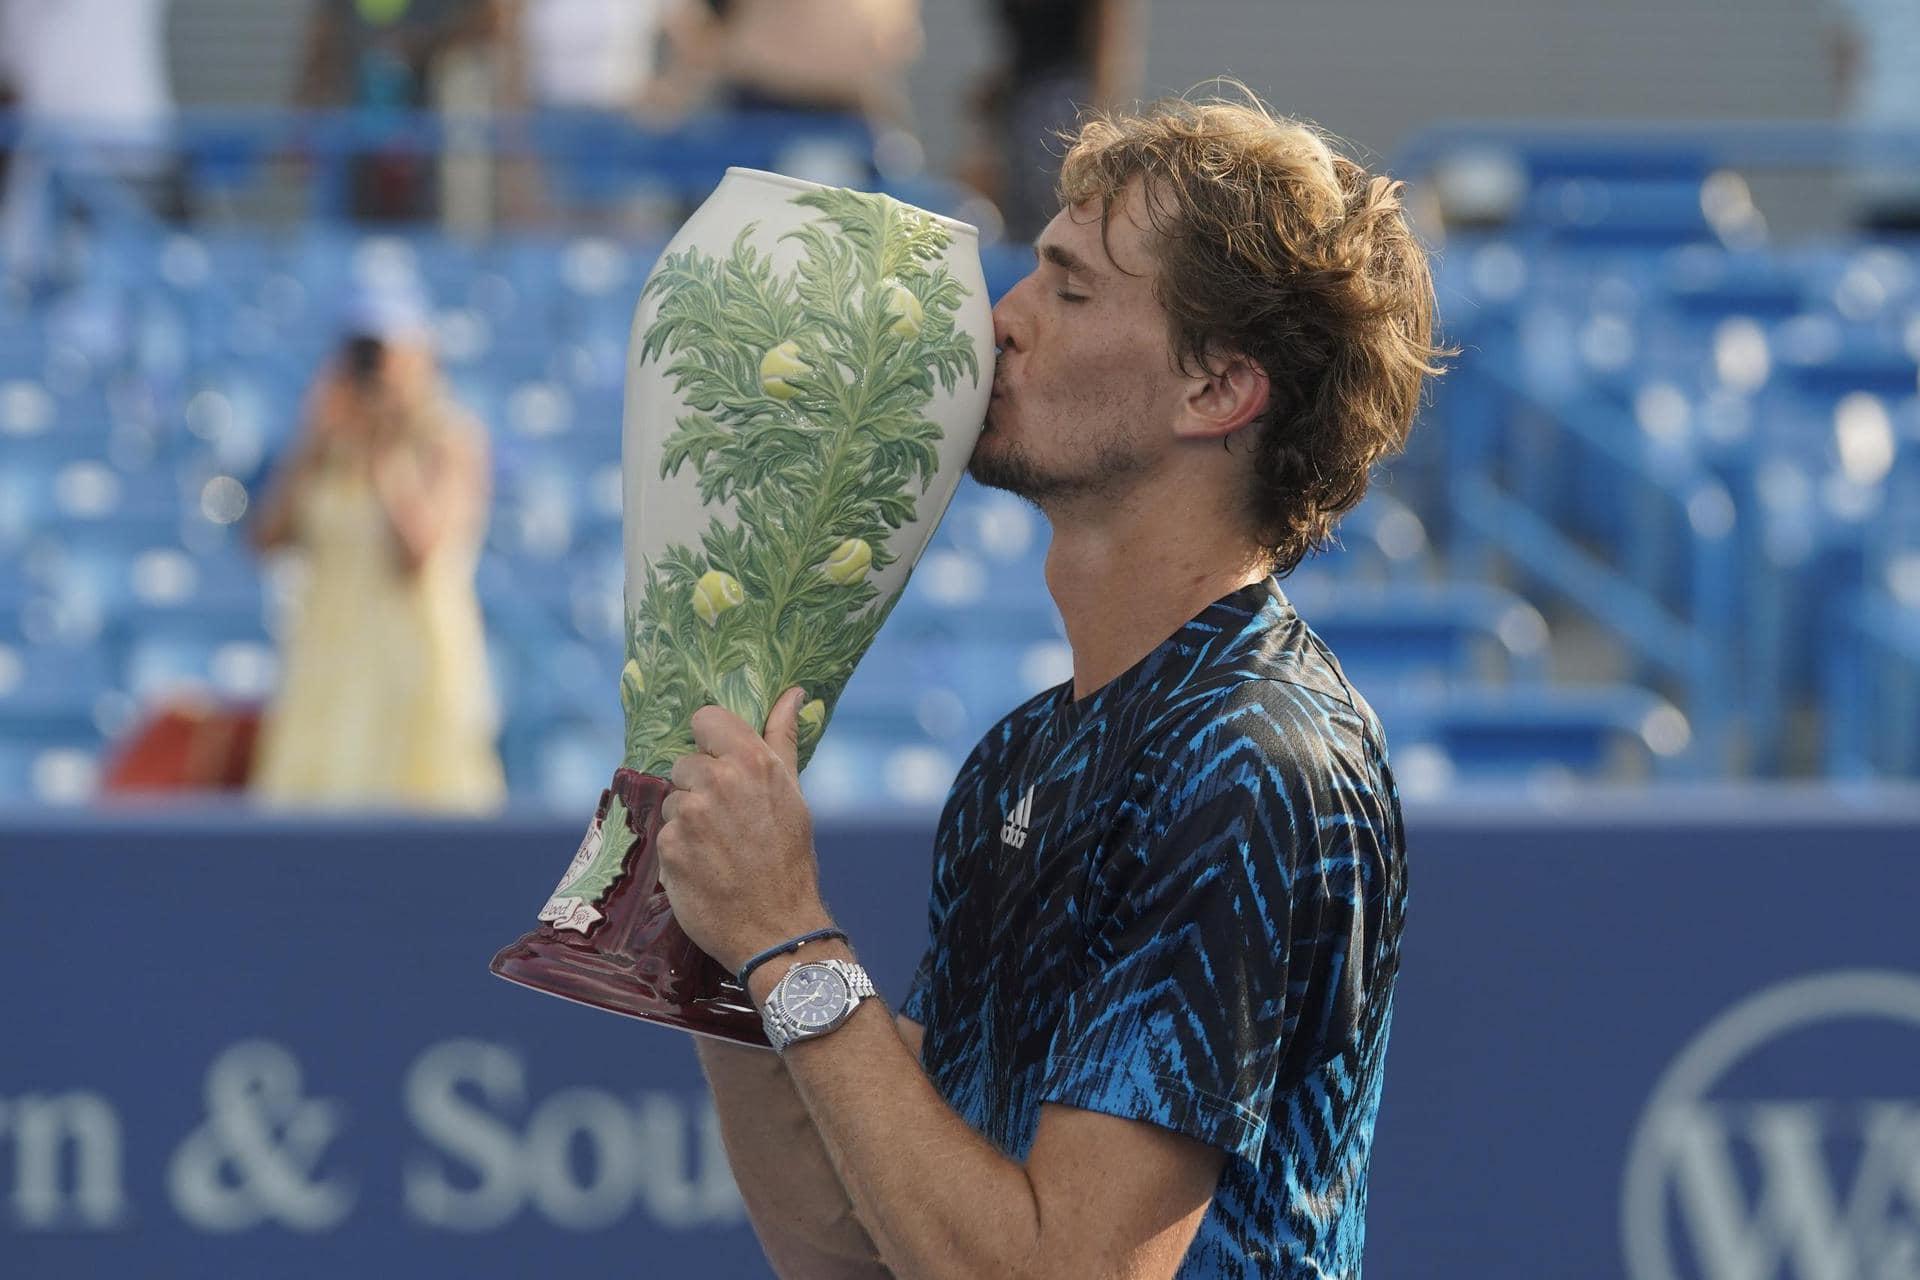 59-Minuten-Sieg: Zverev gewinnt erstmals in Cincinnati Tennis-Masters-Turnier